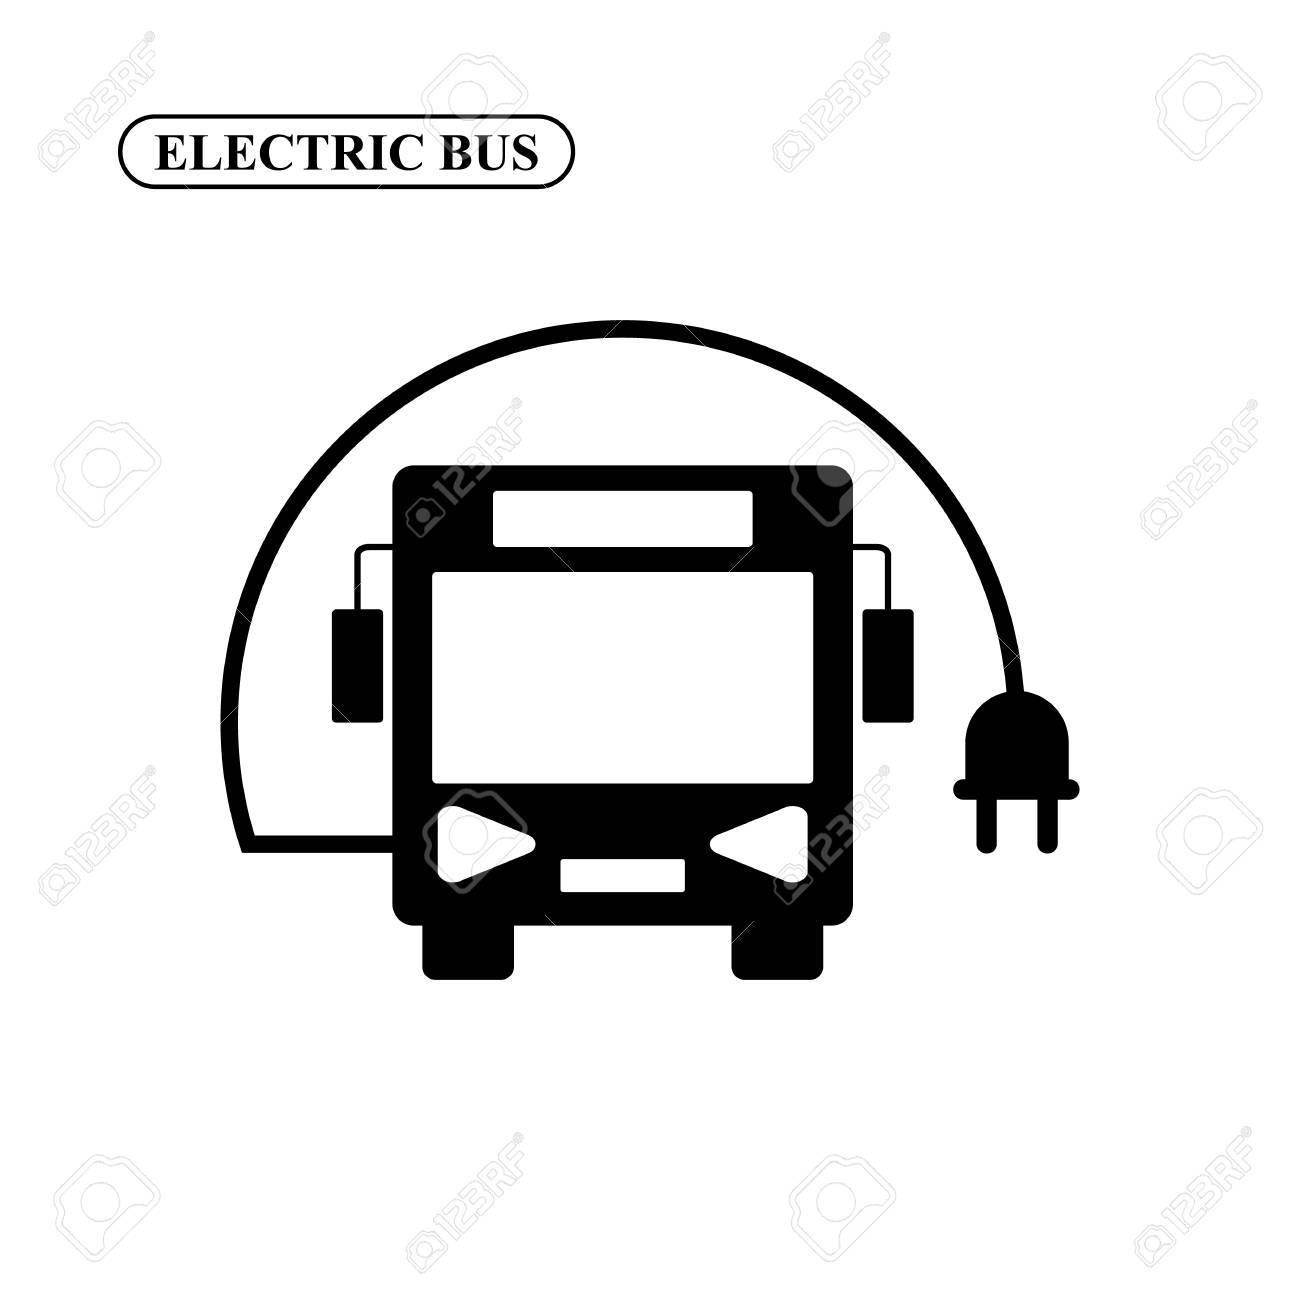 Elektrische Bus-Vektor-Symbol Lizenzfrei Nutzbare Vektorgrafiken ...